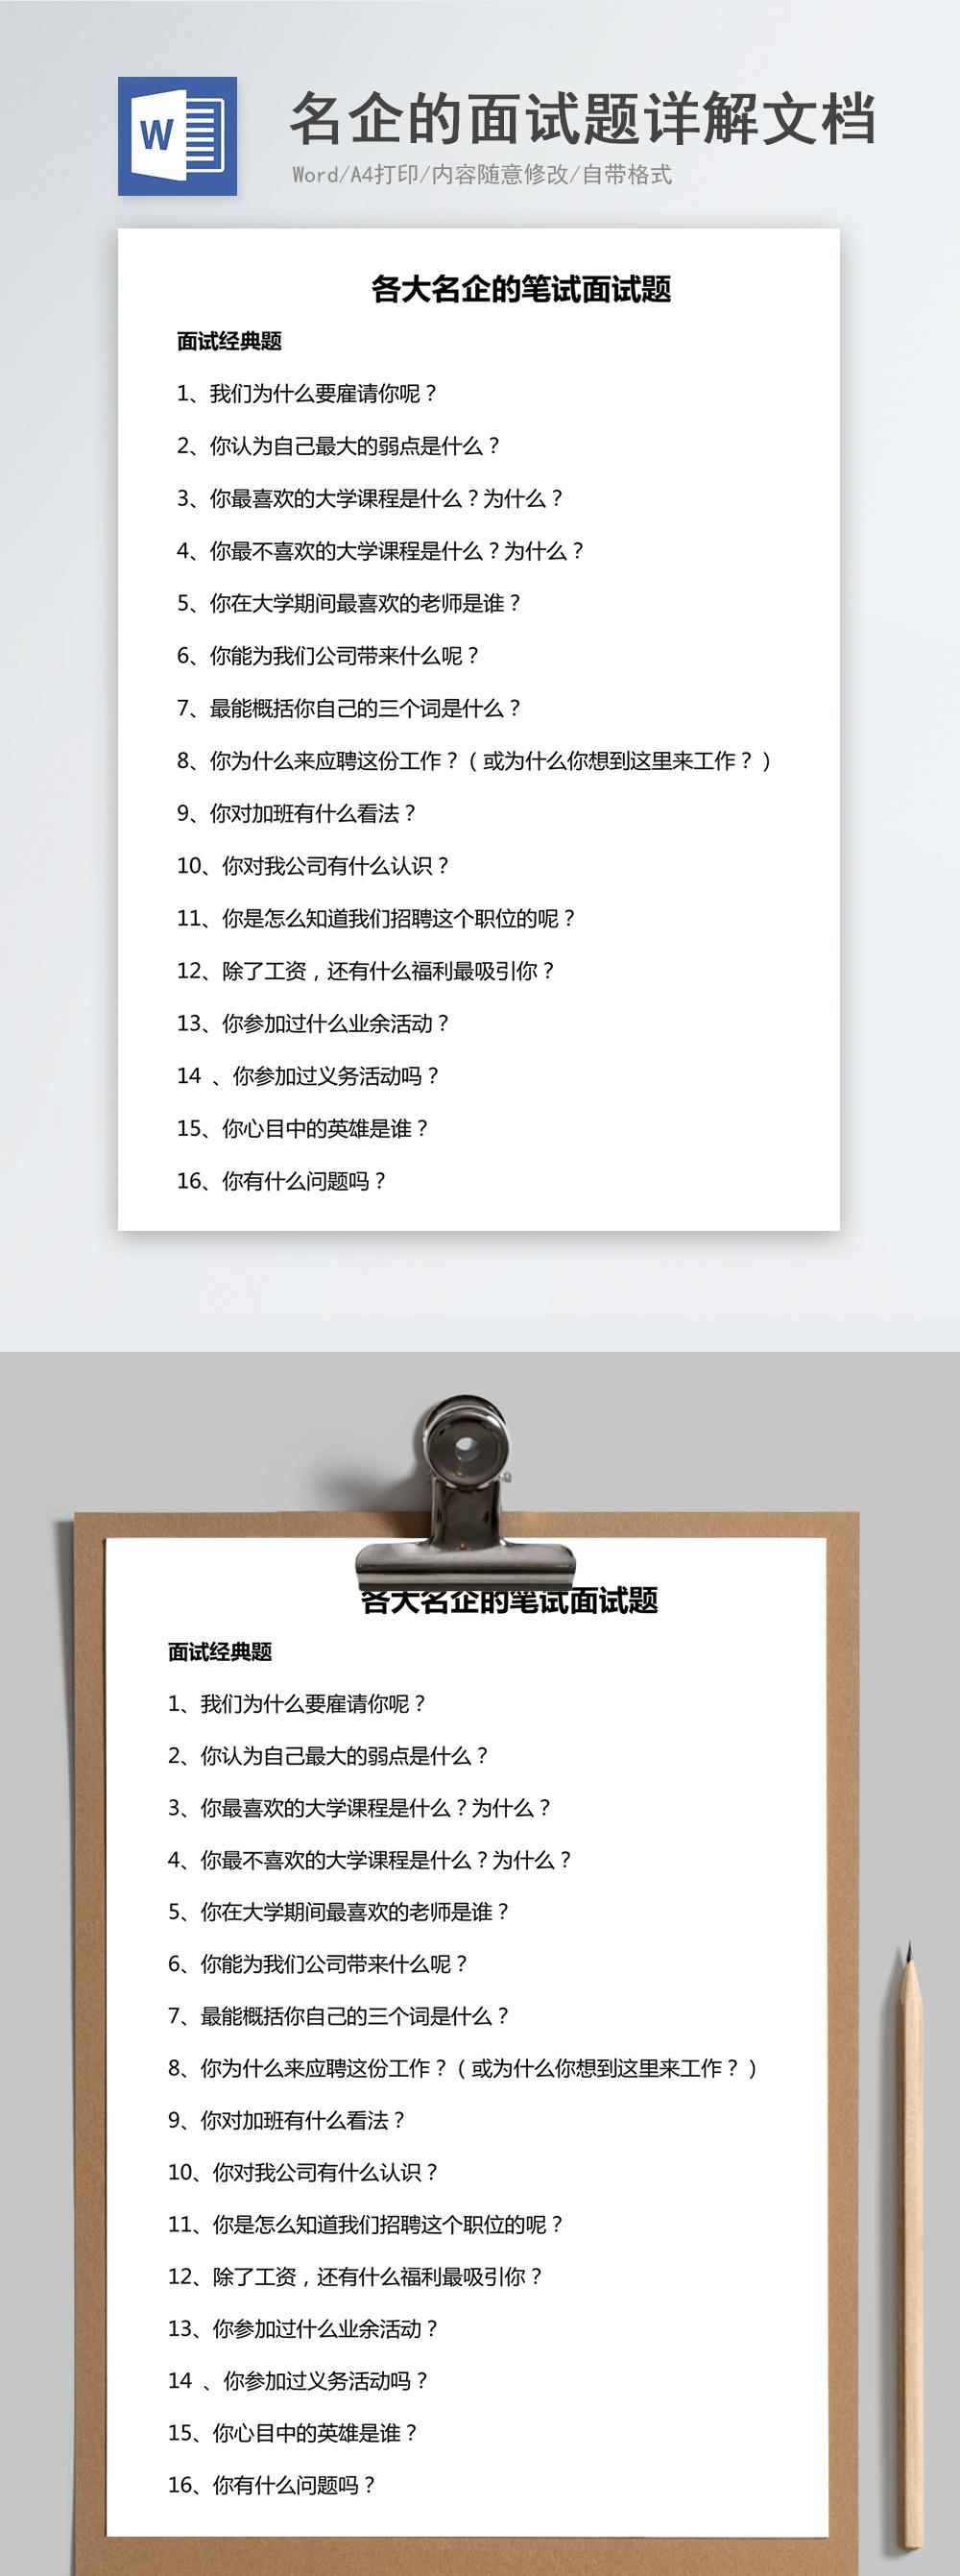 名企的面试题详解文档word模板图片